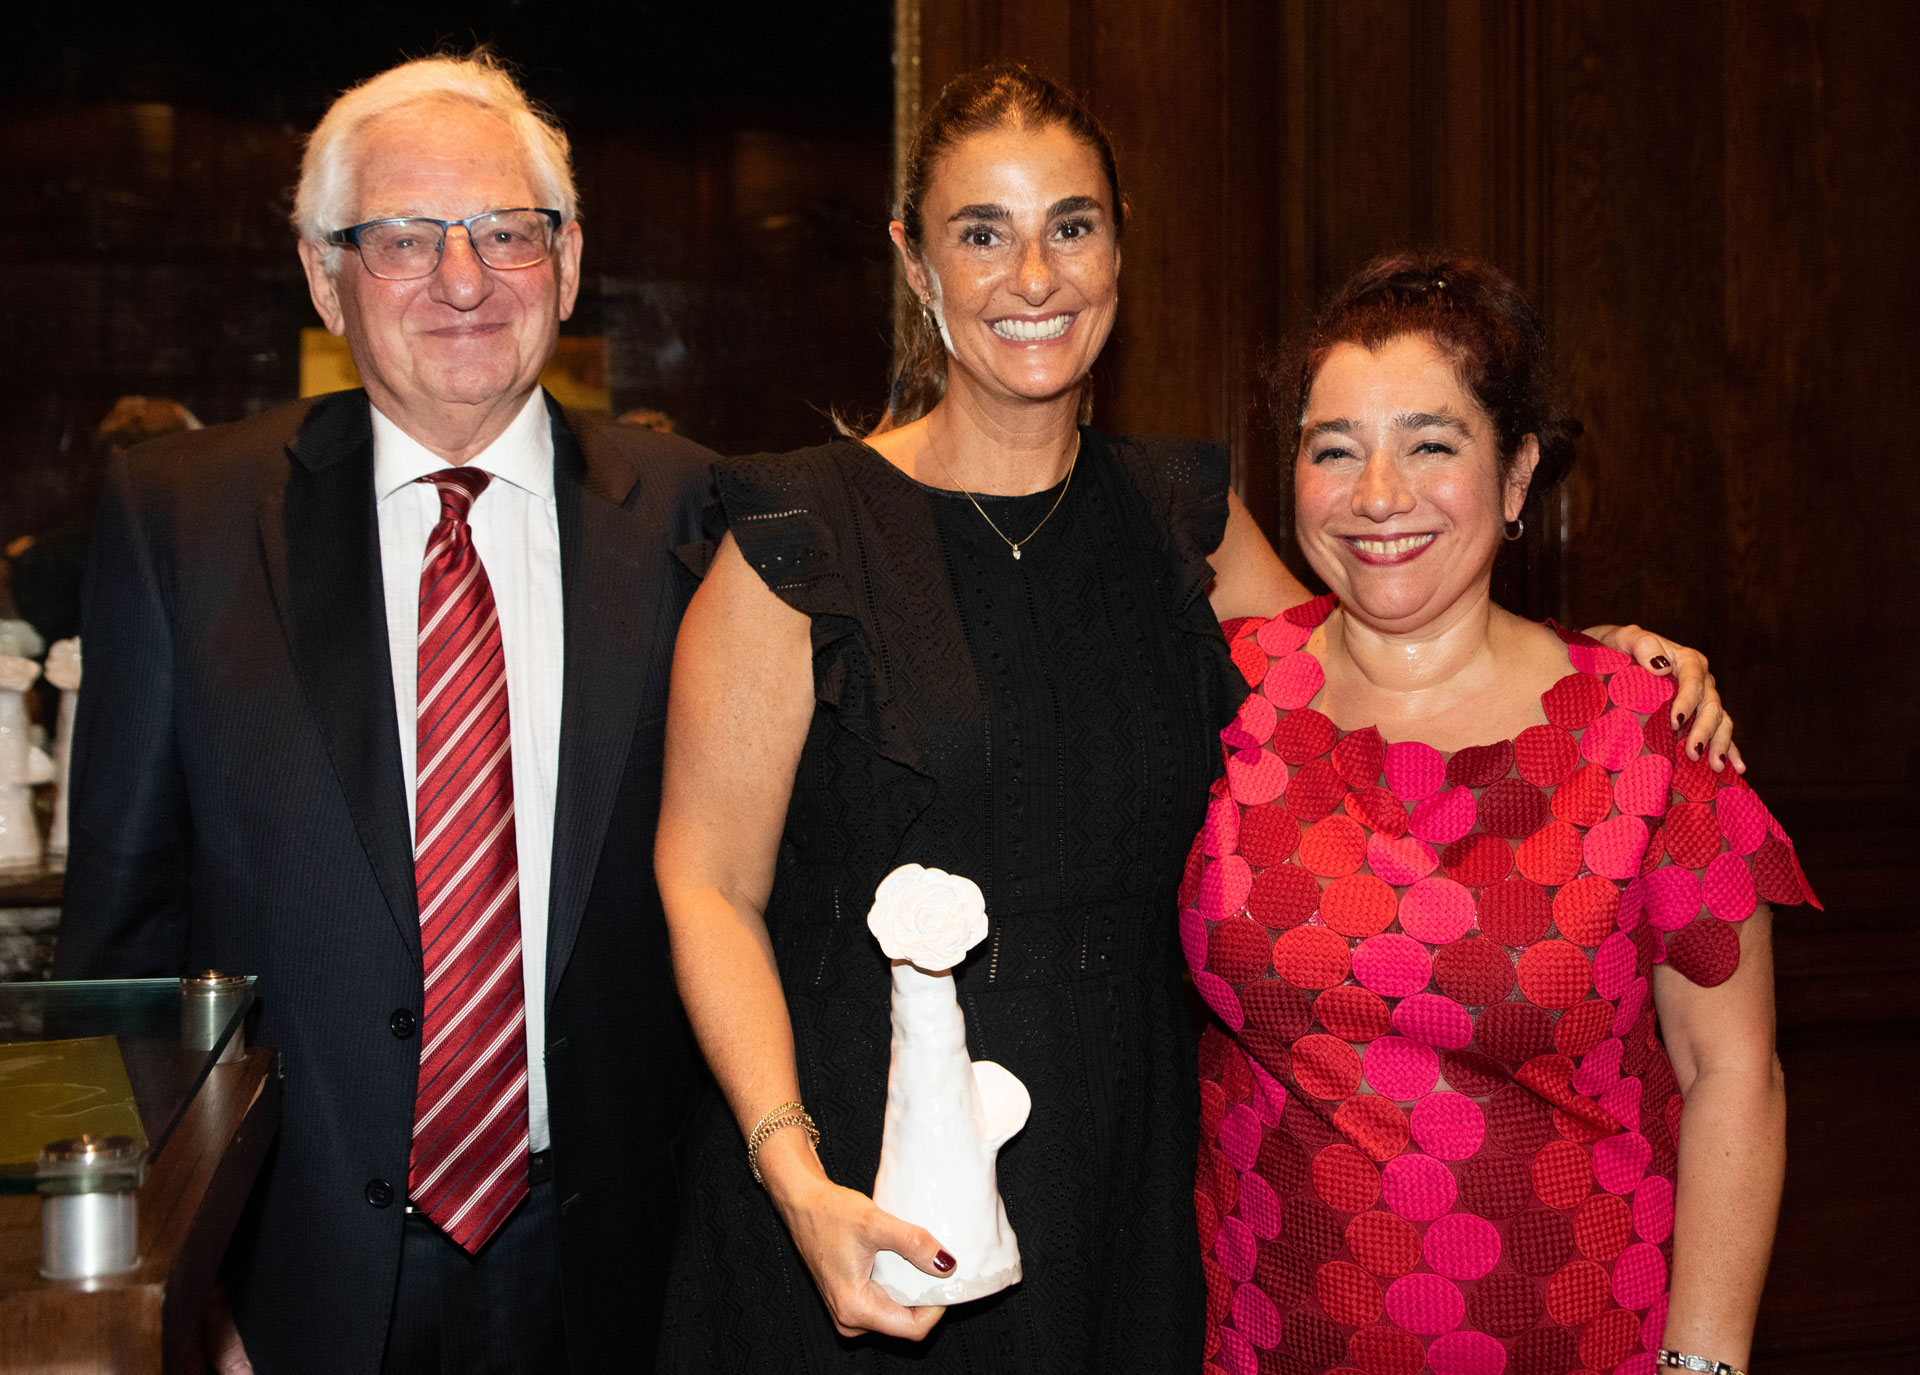 """La directora ejecutiva de La Flia, Gabriela Galaretto, recibió la distinción en representación de esa productora de contenidos, reconocida por programas como """"El Bailando""""."""